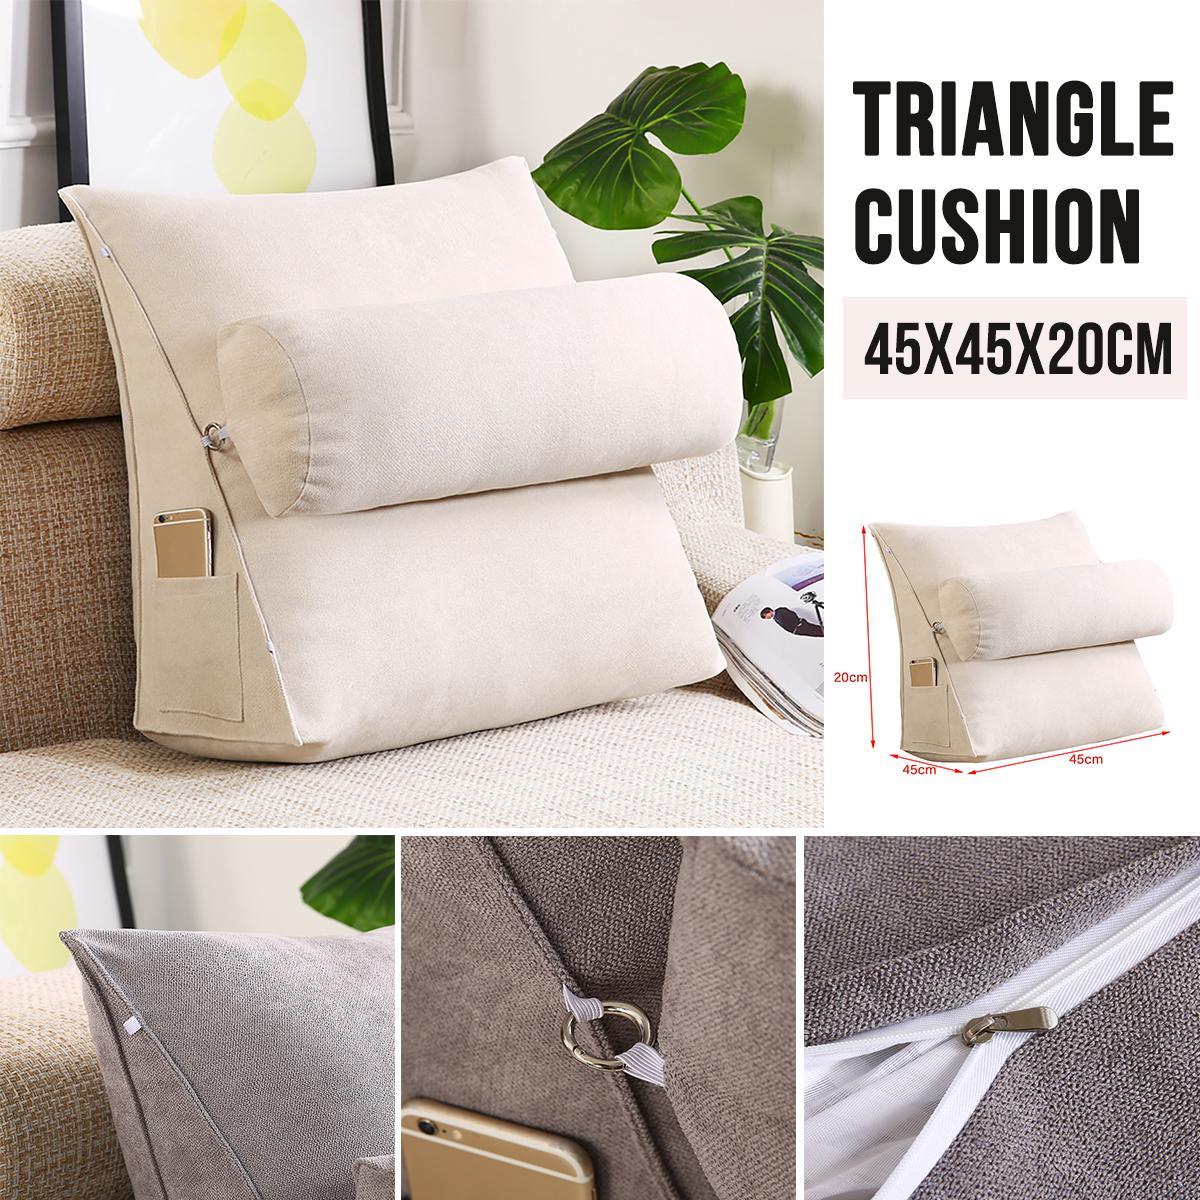 Picture of: 45cm Wedge Back Pillow Rest Sleep Neck Home Sofa Bed Lumbar Office Cushion Matt Blatt